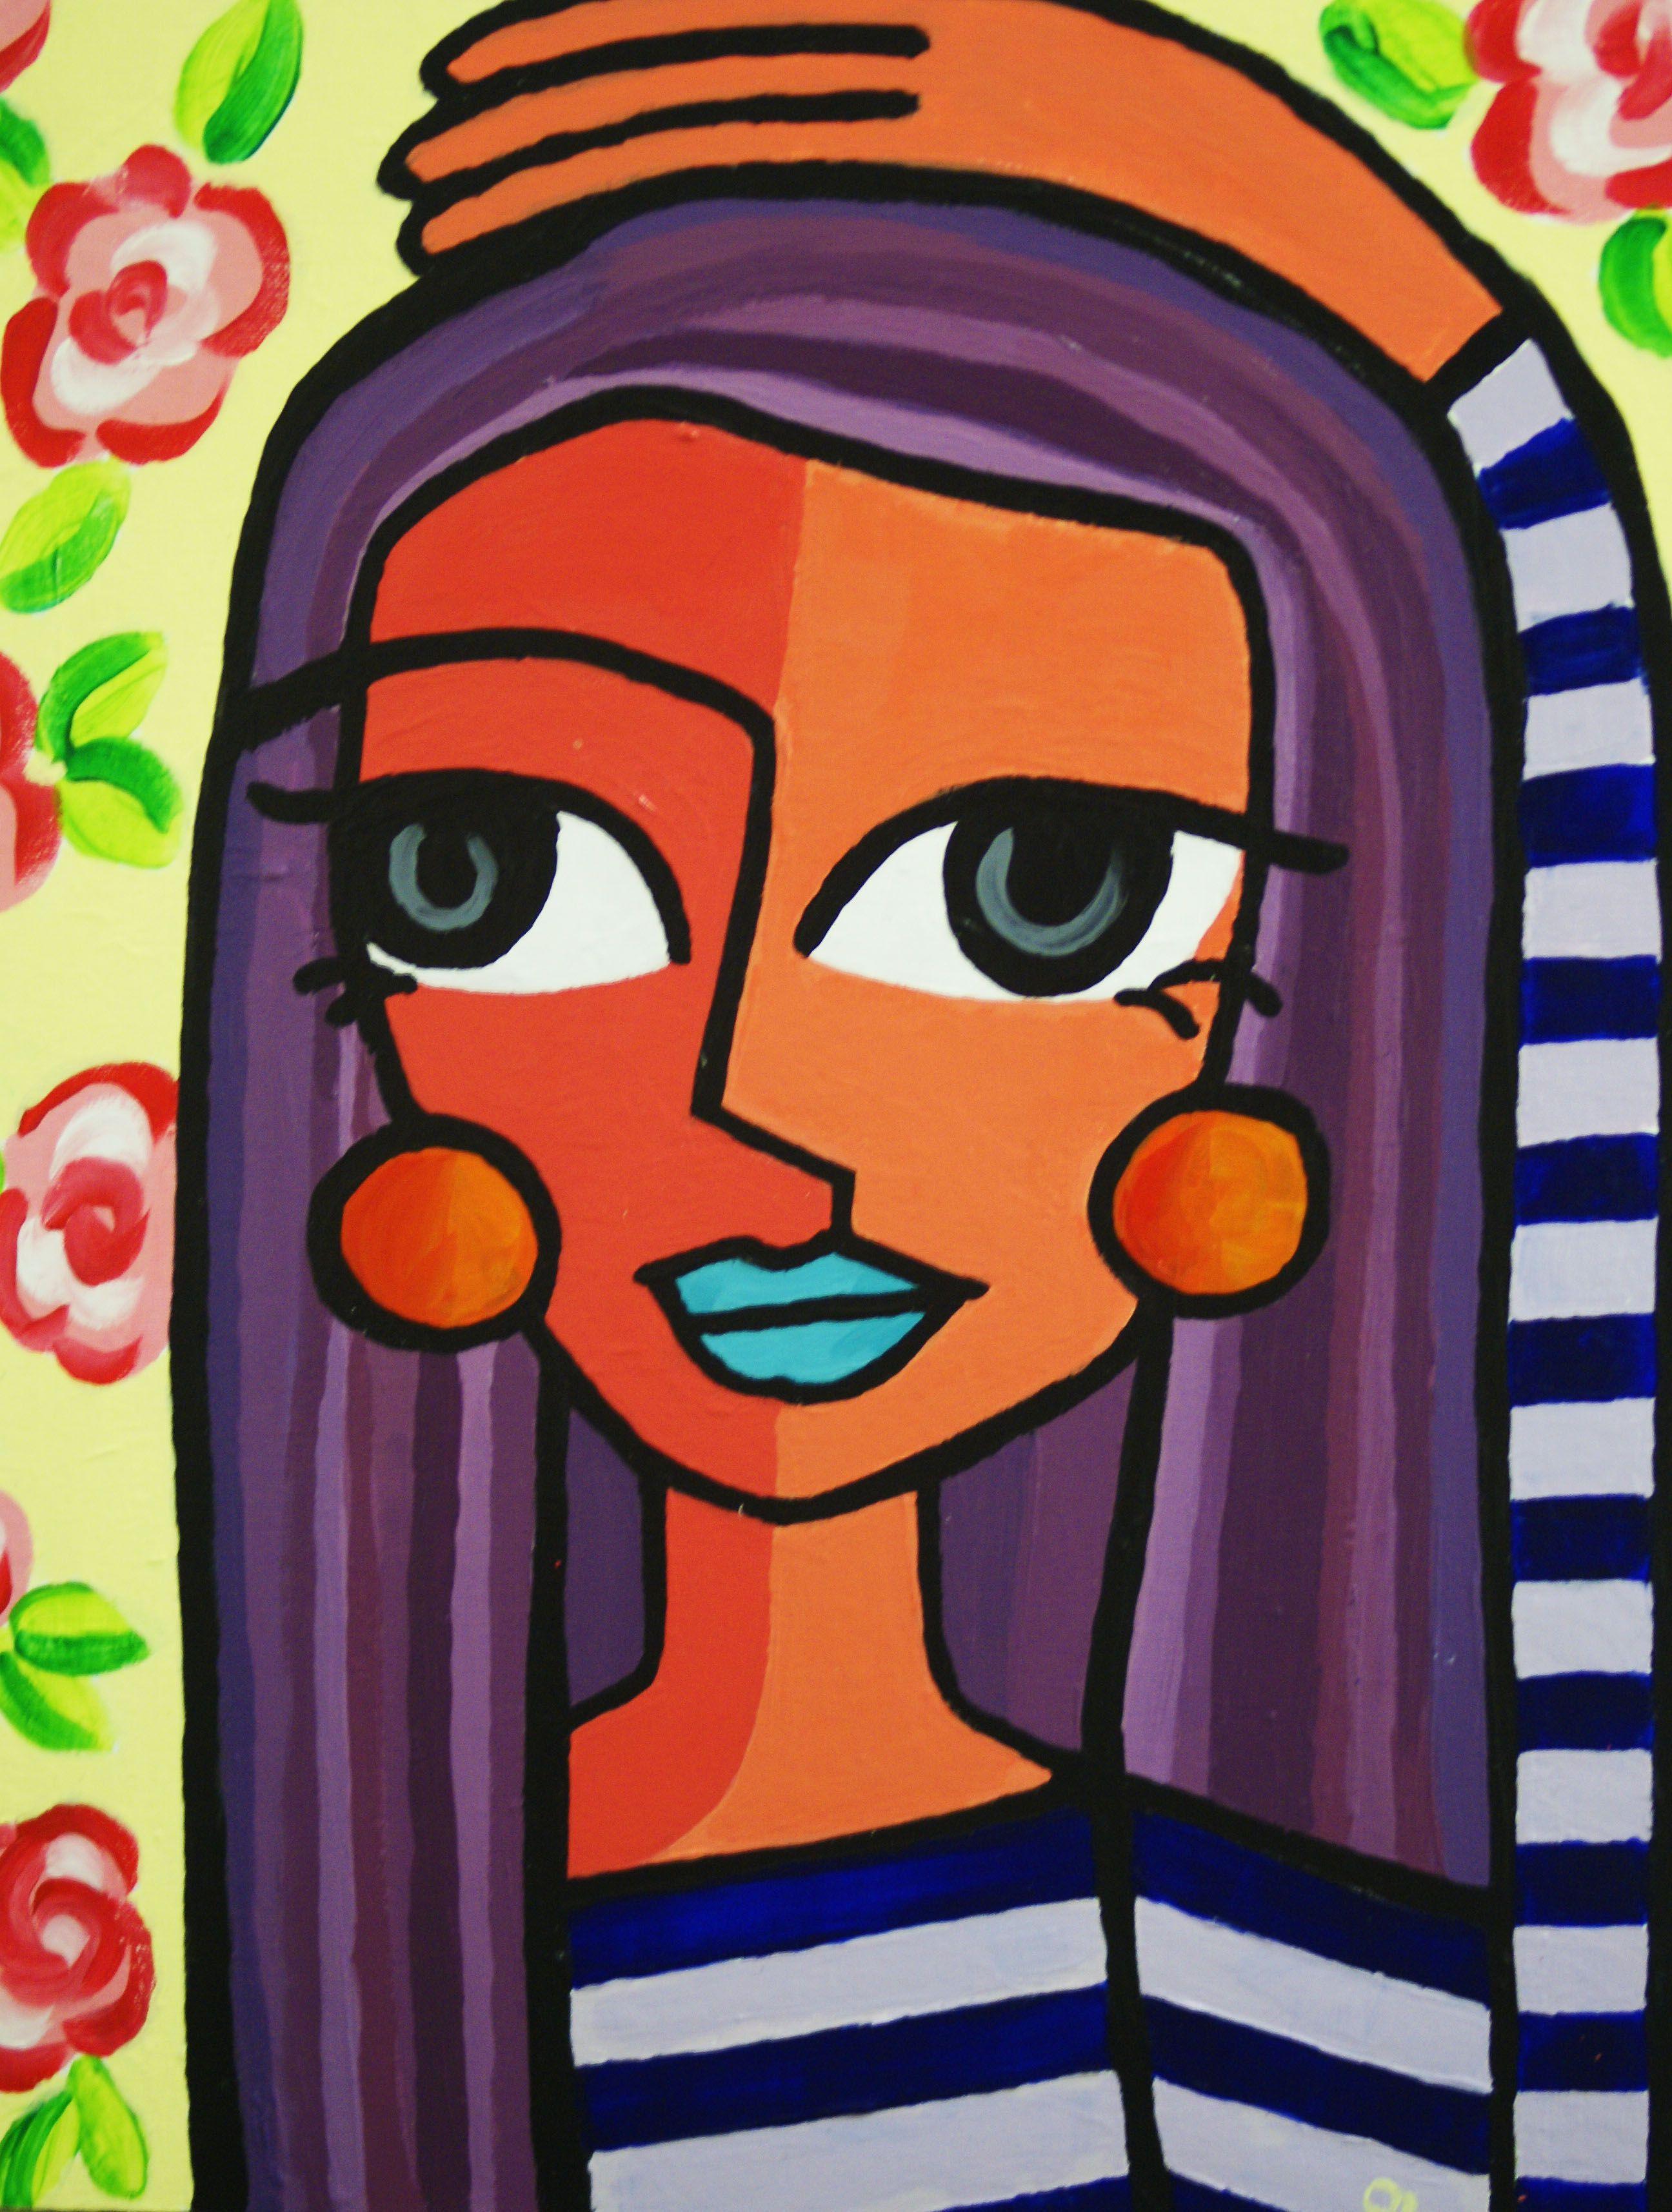 picasso paintings - Google Search | Art de la peinture, Peinture acrylique abstraite, Dessin pastel